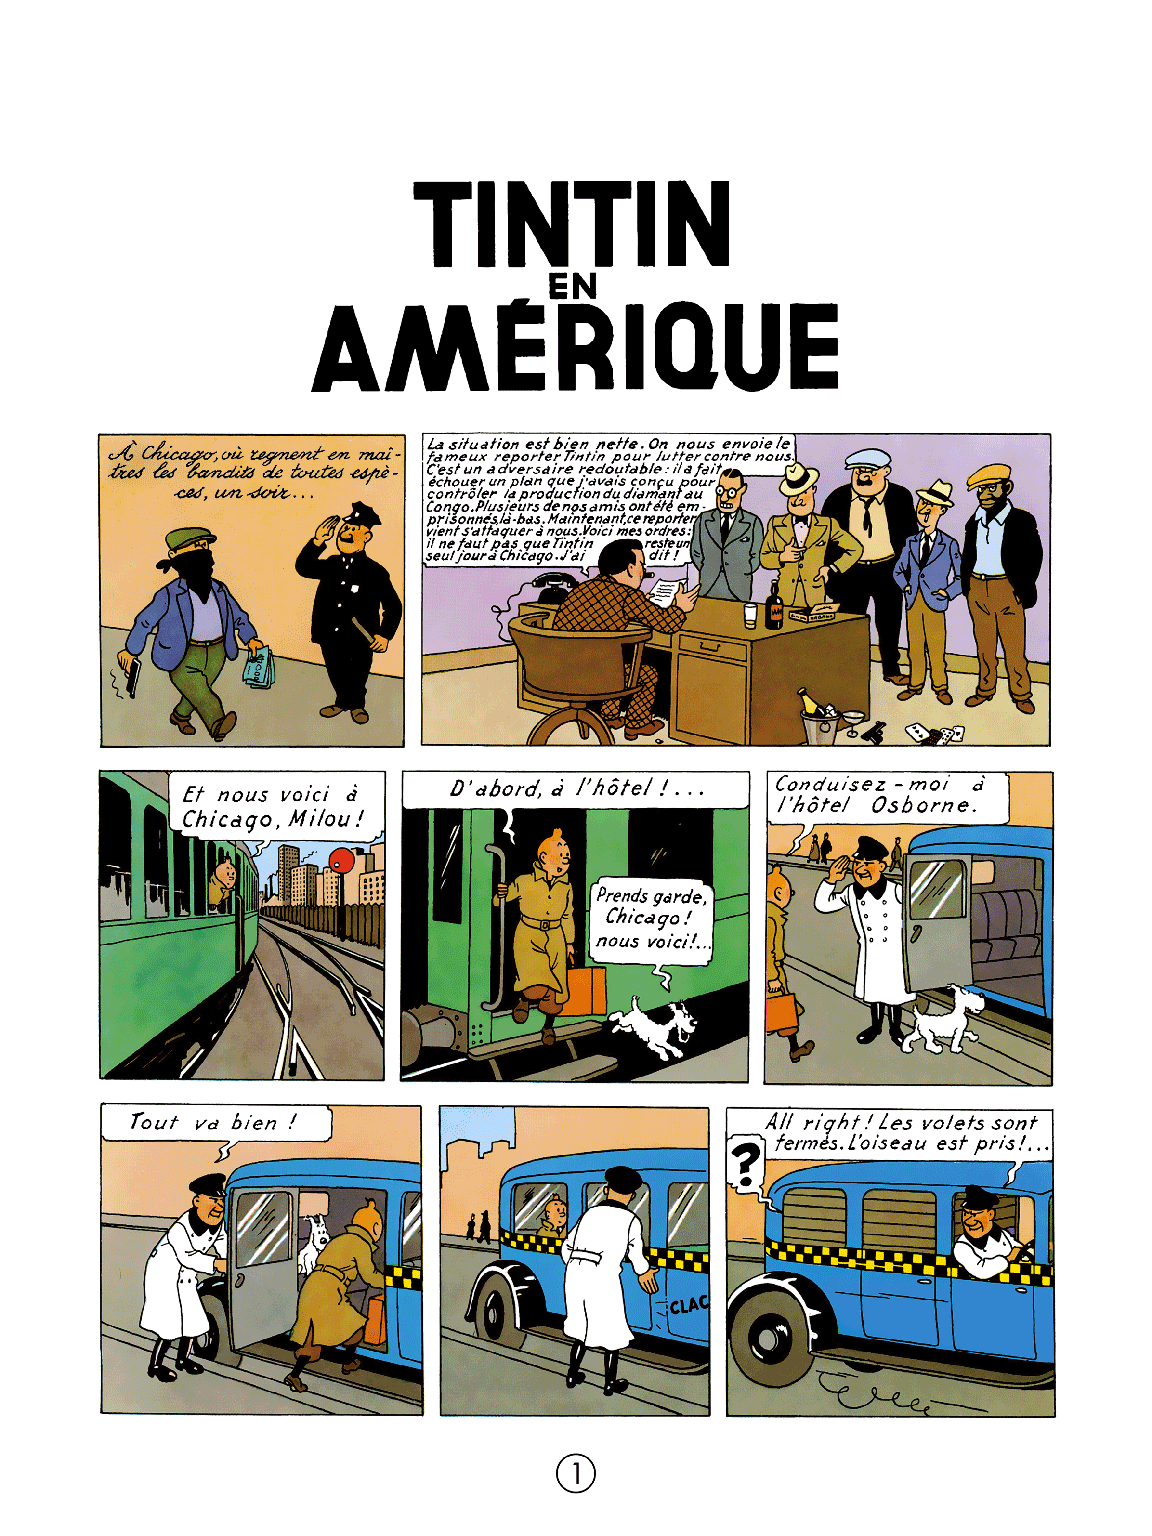 Tintin en Amérique - Page 1